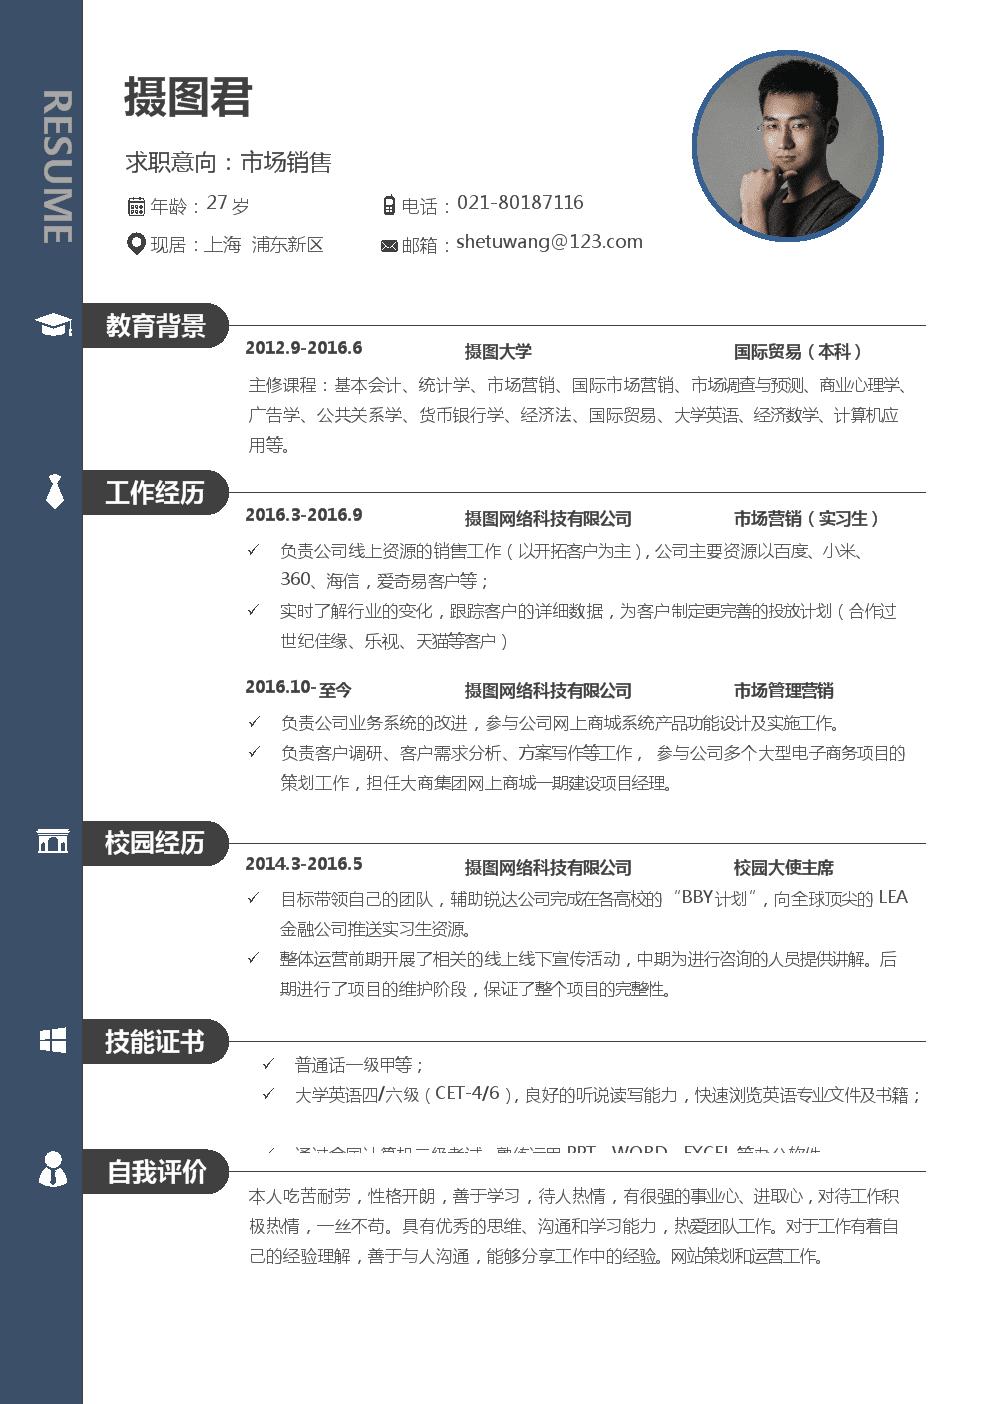 个人简历模板(市场销售样例).docx